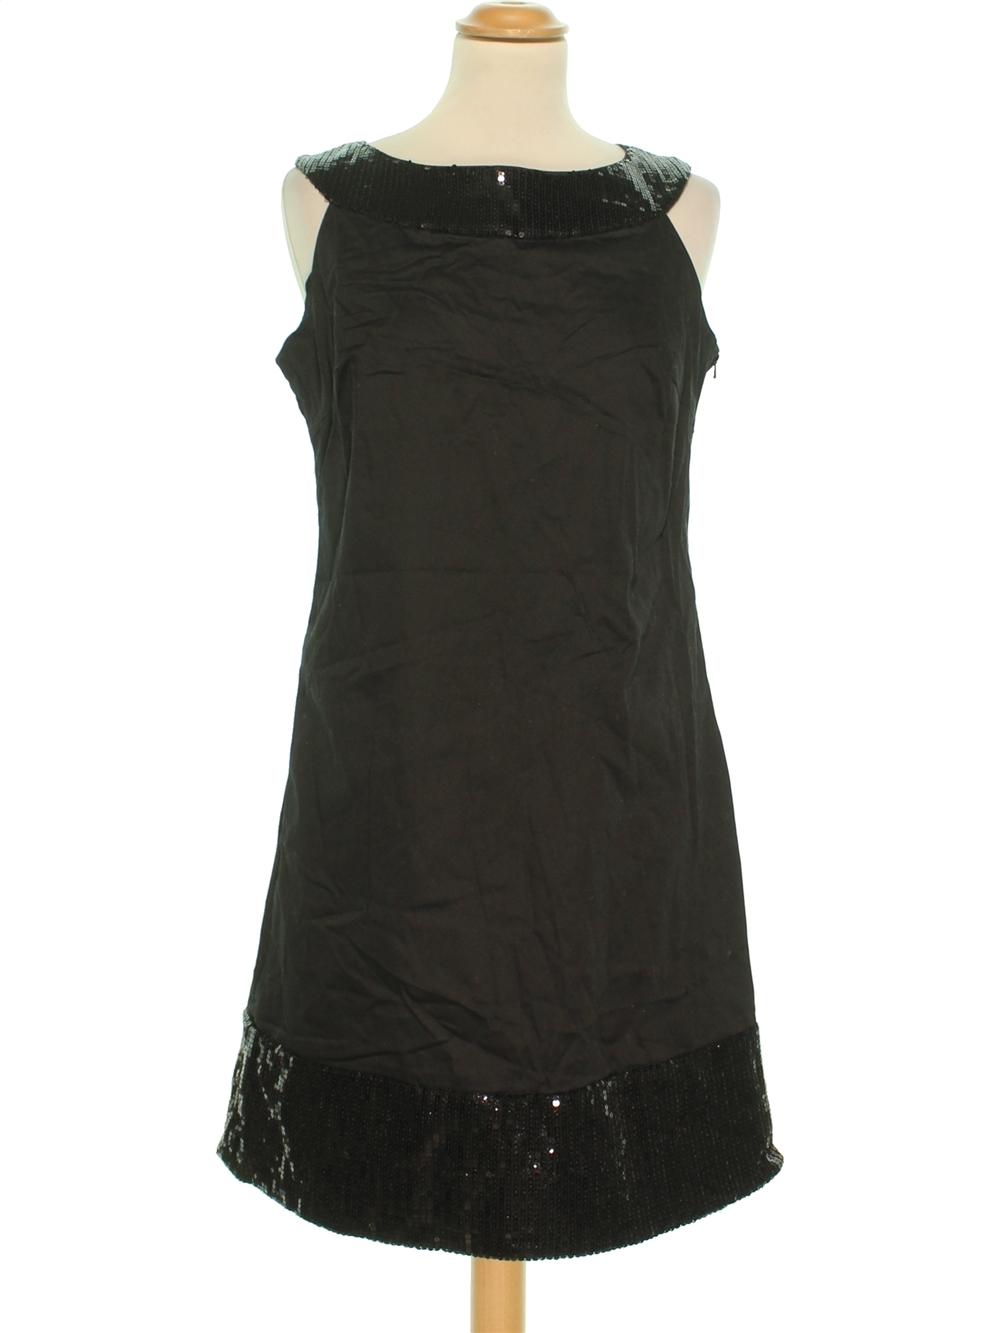 Robe Promod Cher4 De 40m 99 Soirée Femme €1185704 T2Pas eD9YEH2bWI